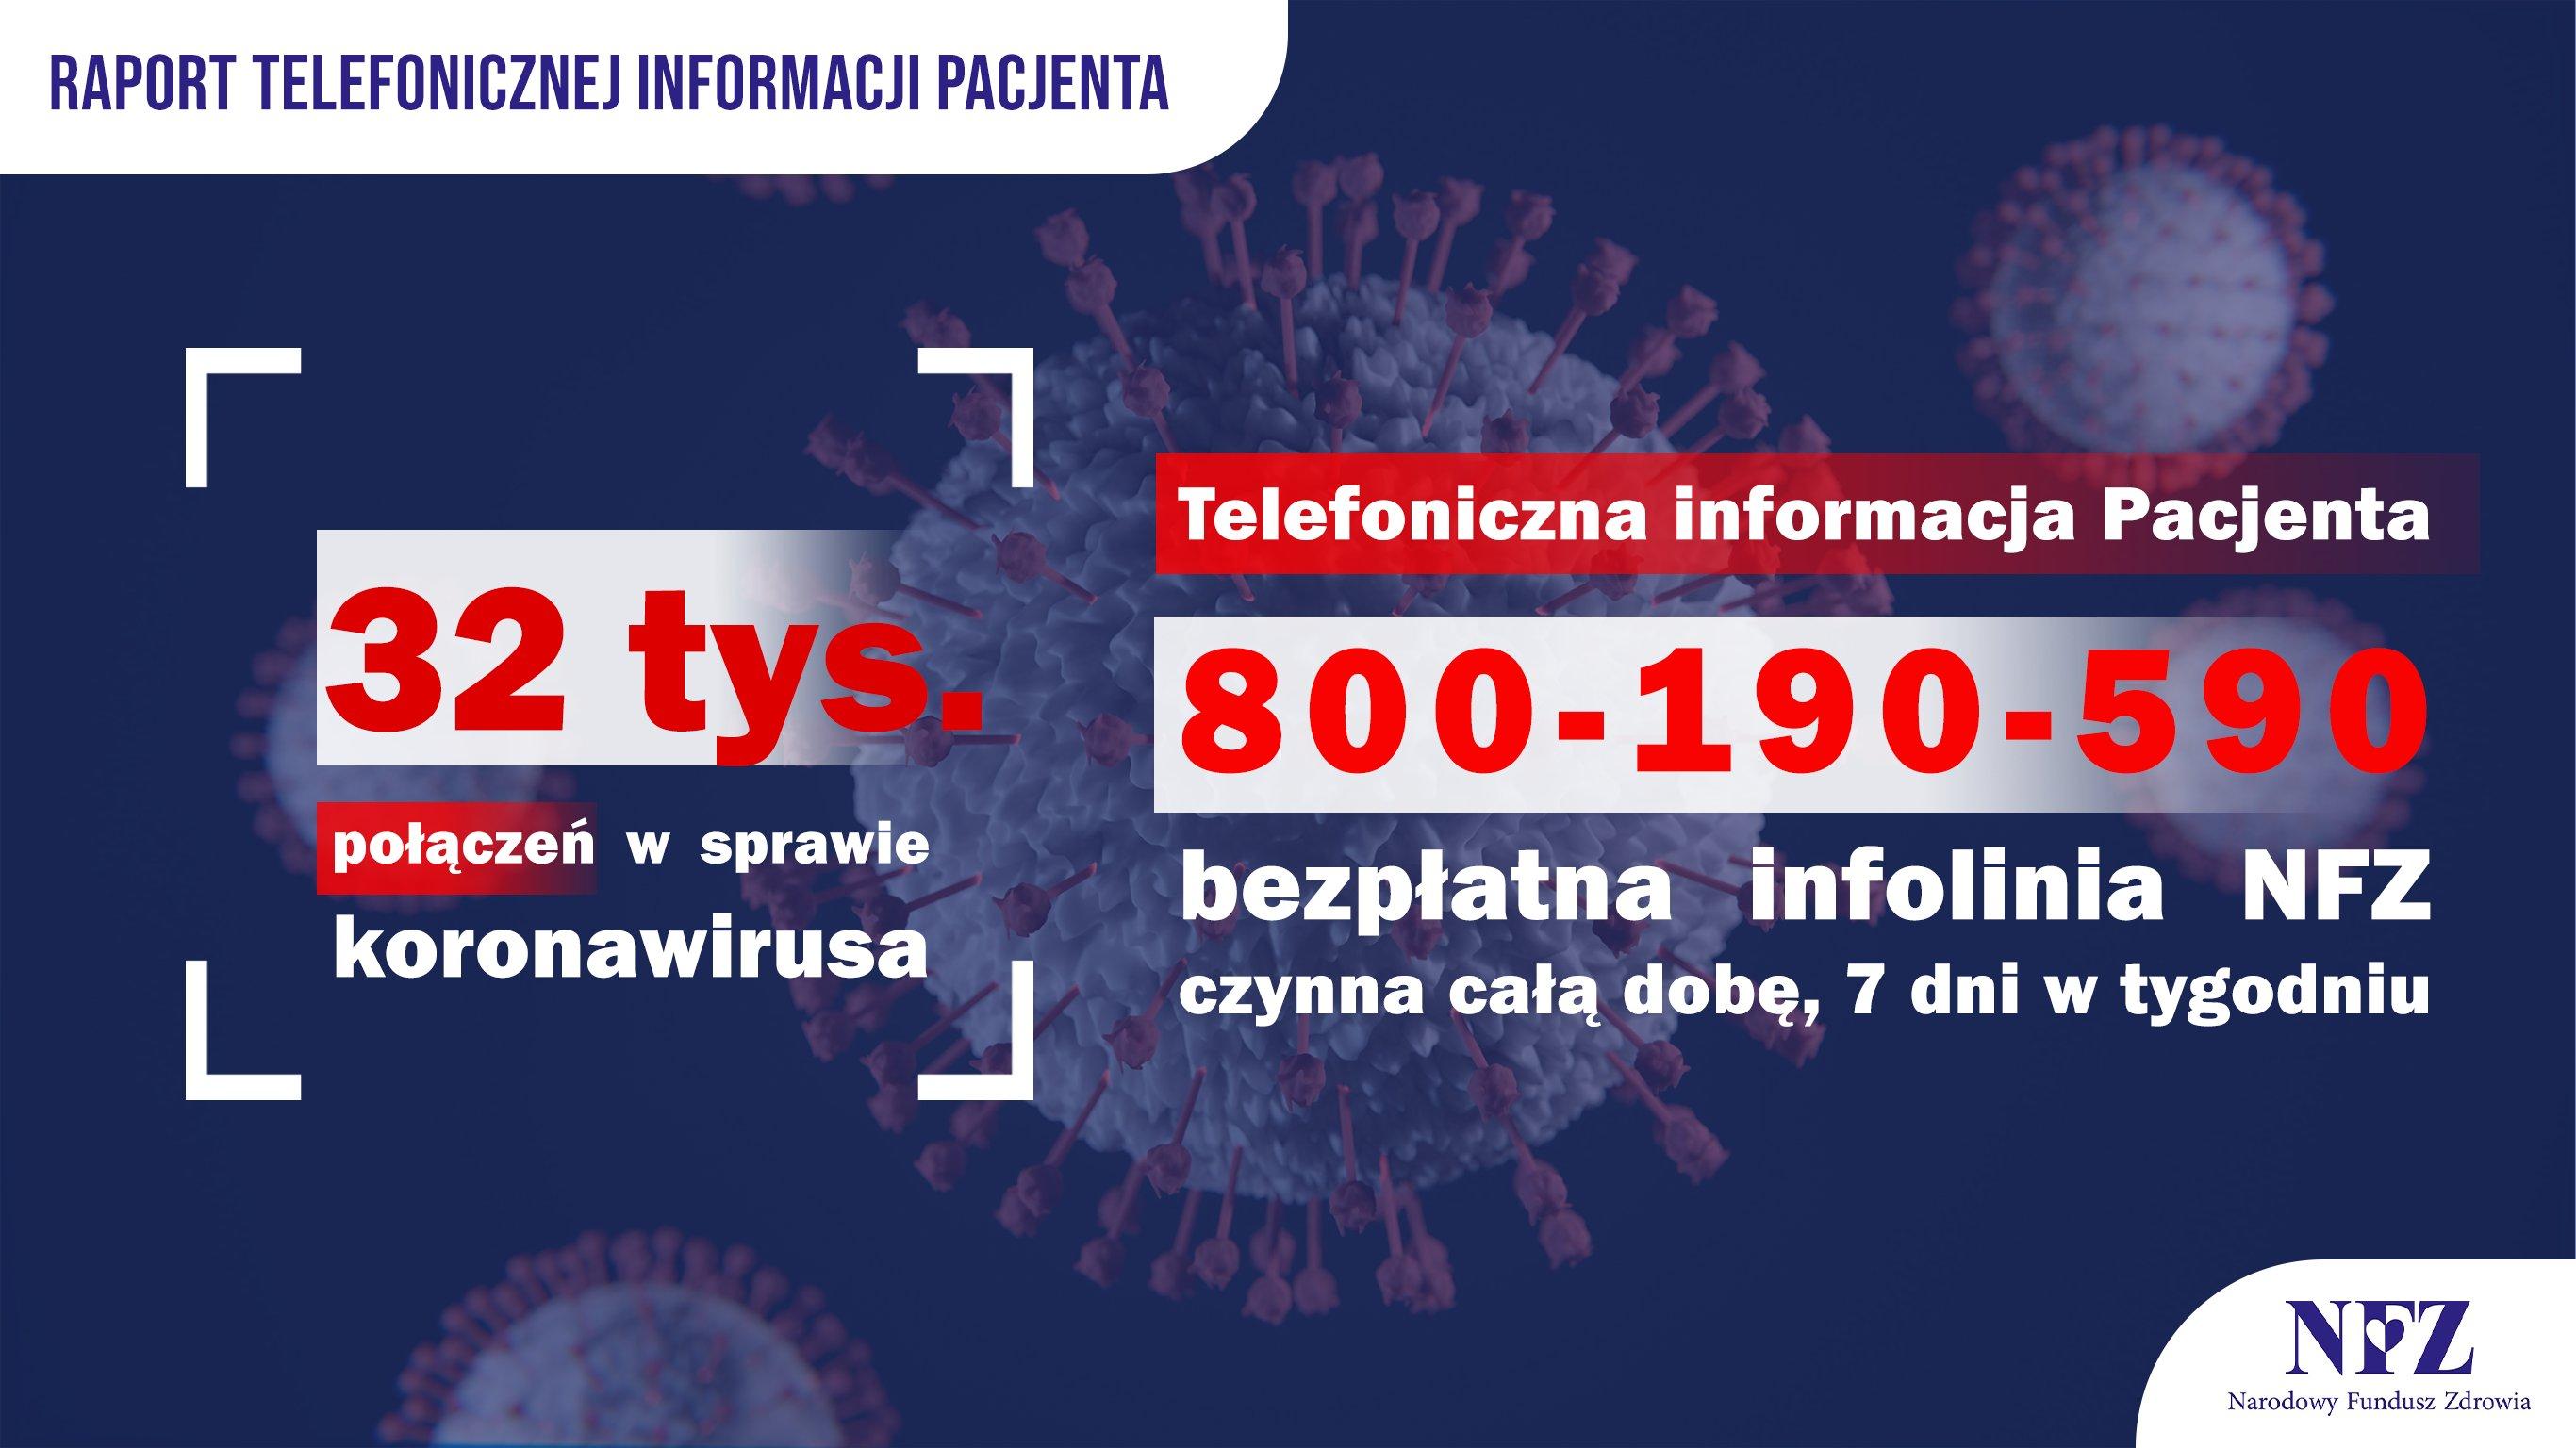 Kolorowa fotografia. Tekst w ramce: 32 tys. połączeń w sprawie koronawirusa. Telefoniczna Informacja Pacjenta - 800 190 590 - bezpłatna infolinia NFZ czynna całą dobę, 7 dni w tygodniu.